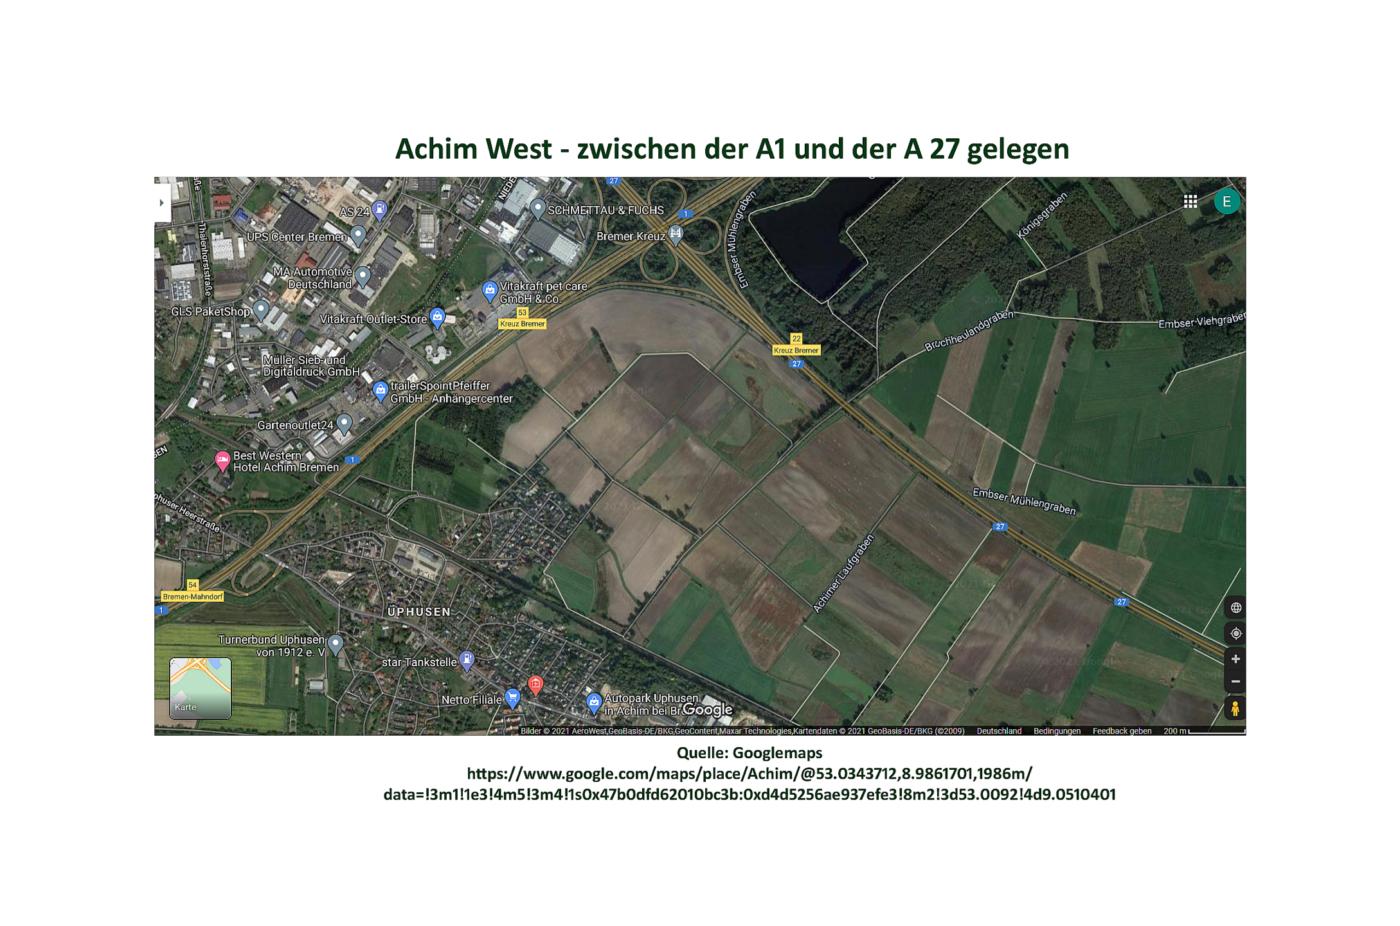 Achim-West: Zu viel Verkehr, zu viel Flächenverbrauch, zu teuer